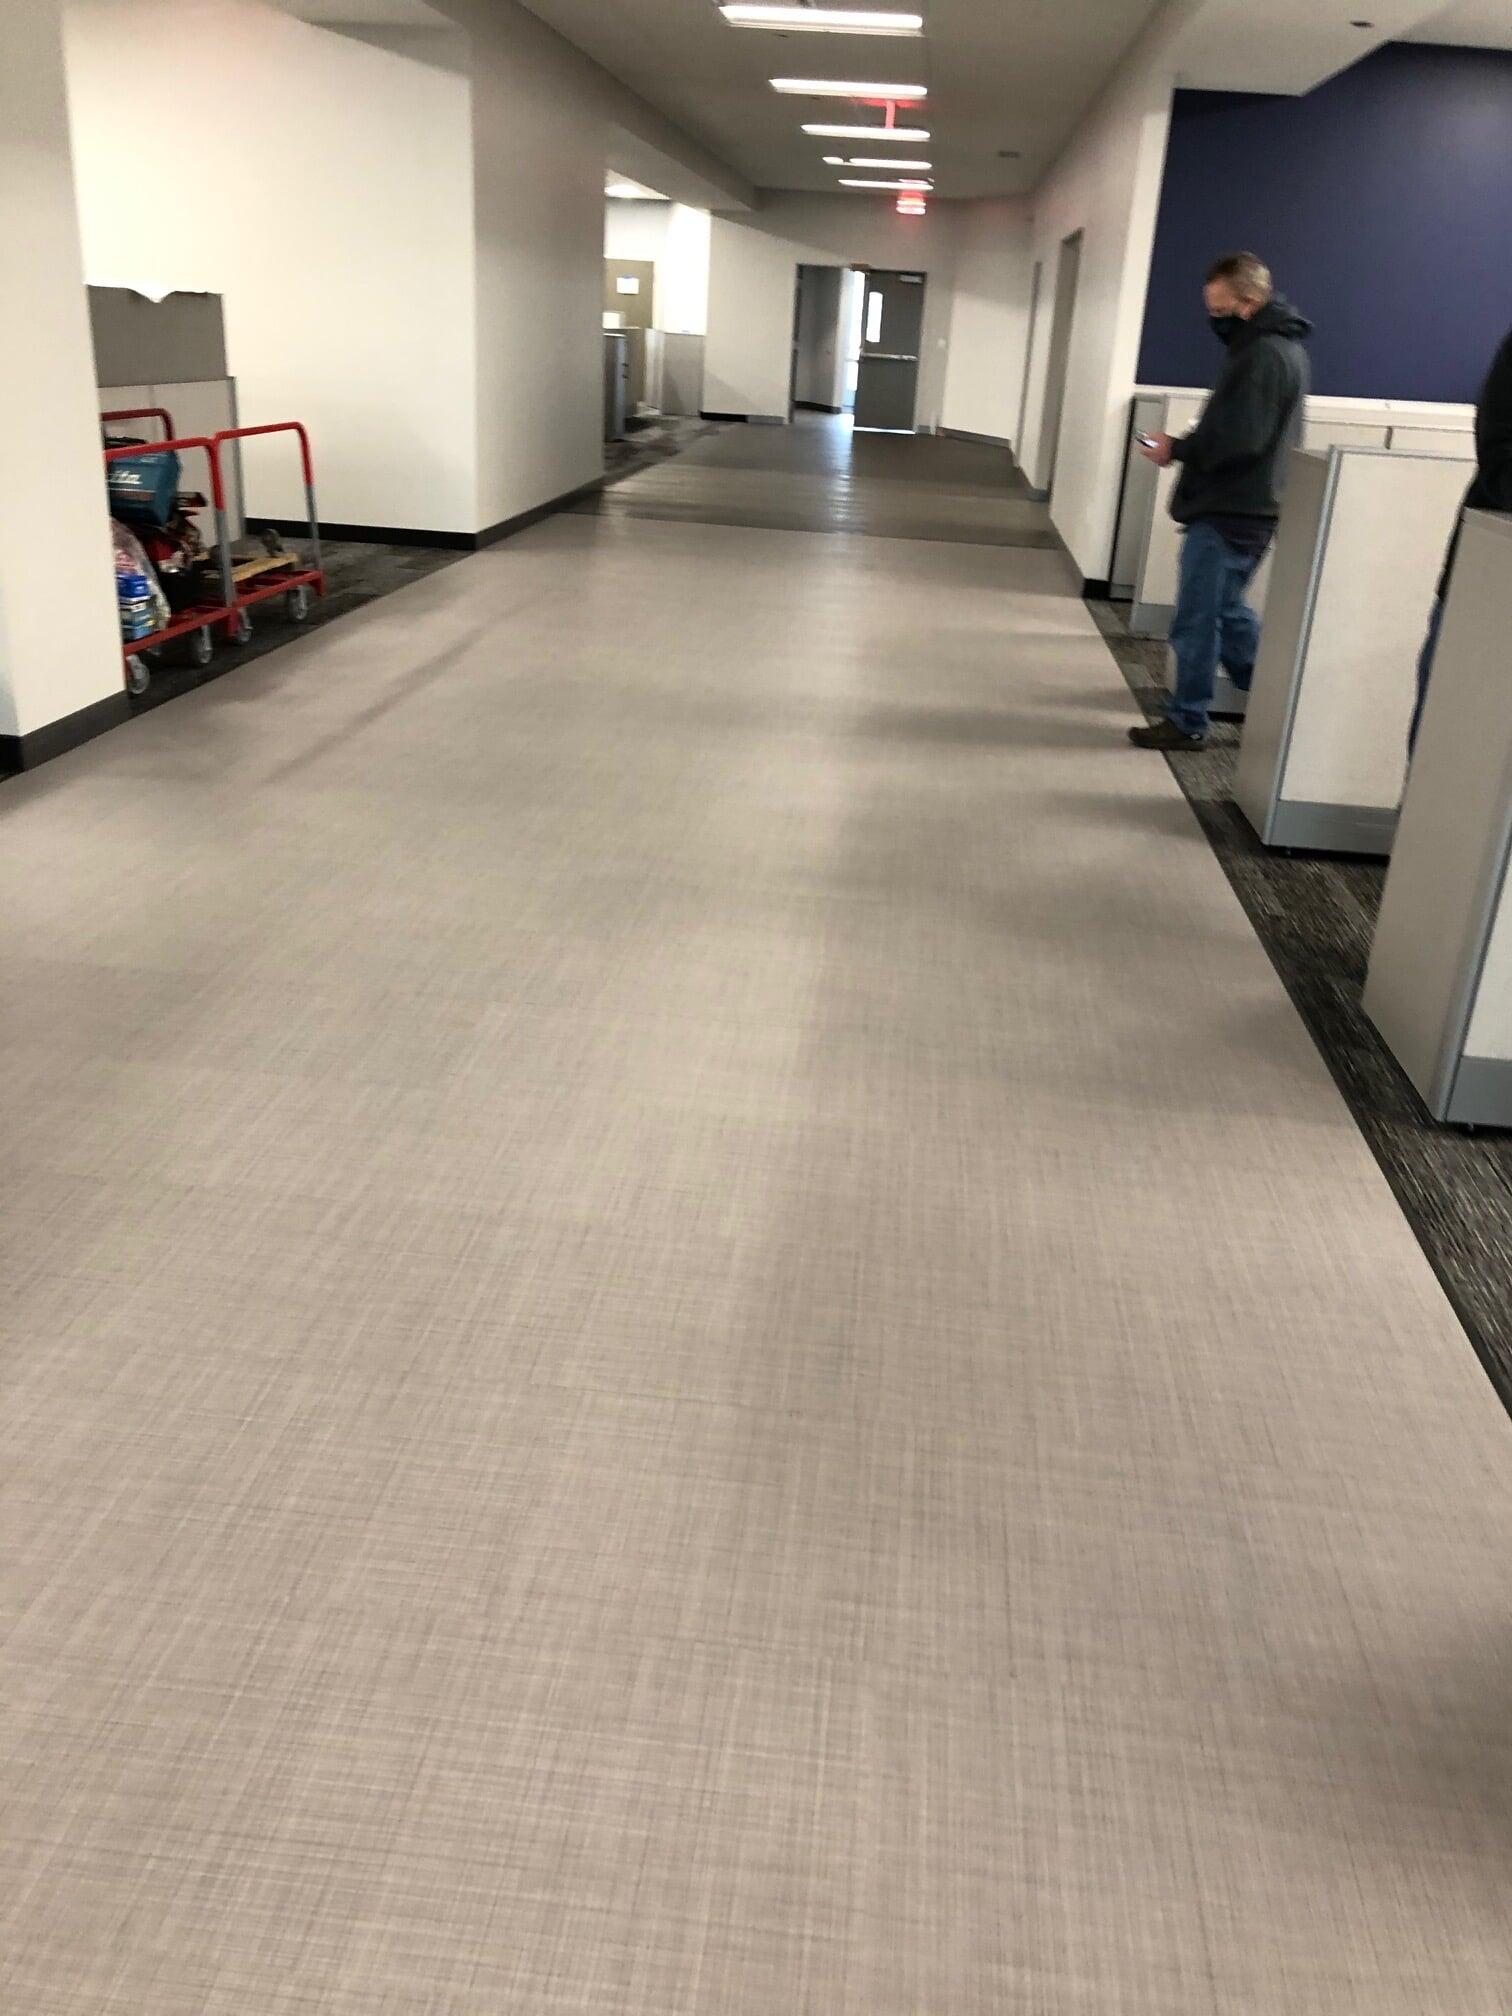 Commercial flooring installation in  from Barrington Carpet & Flooring Design